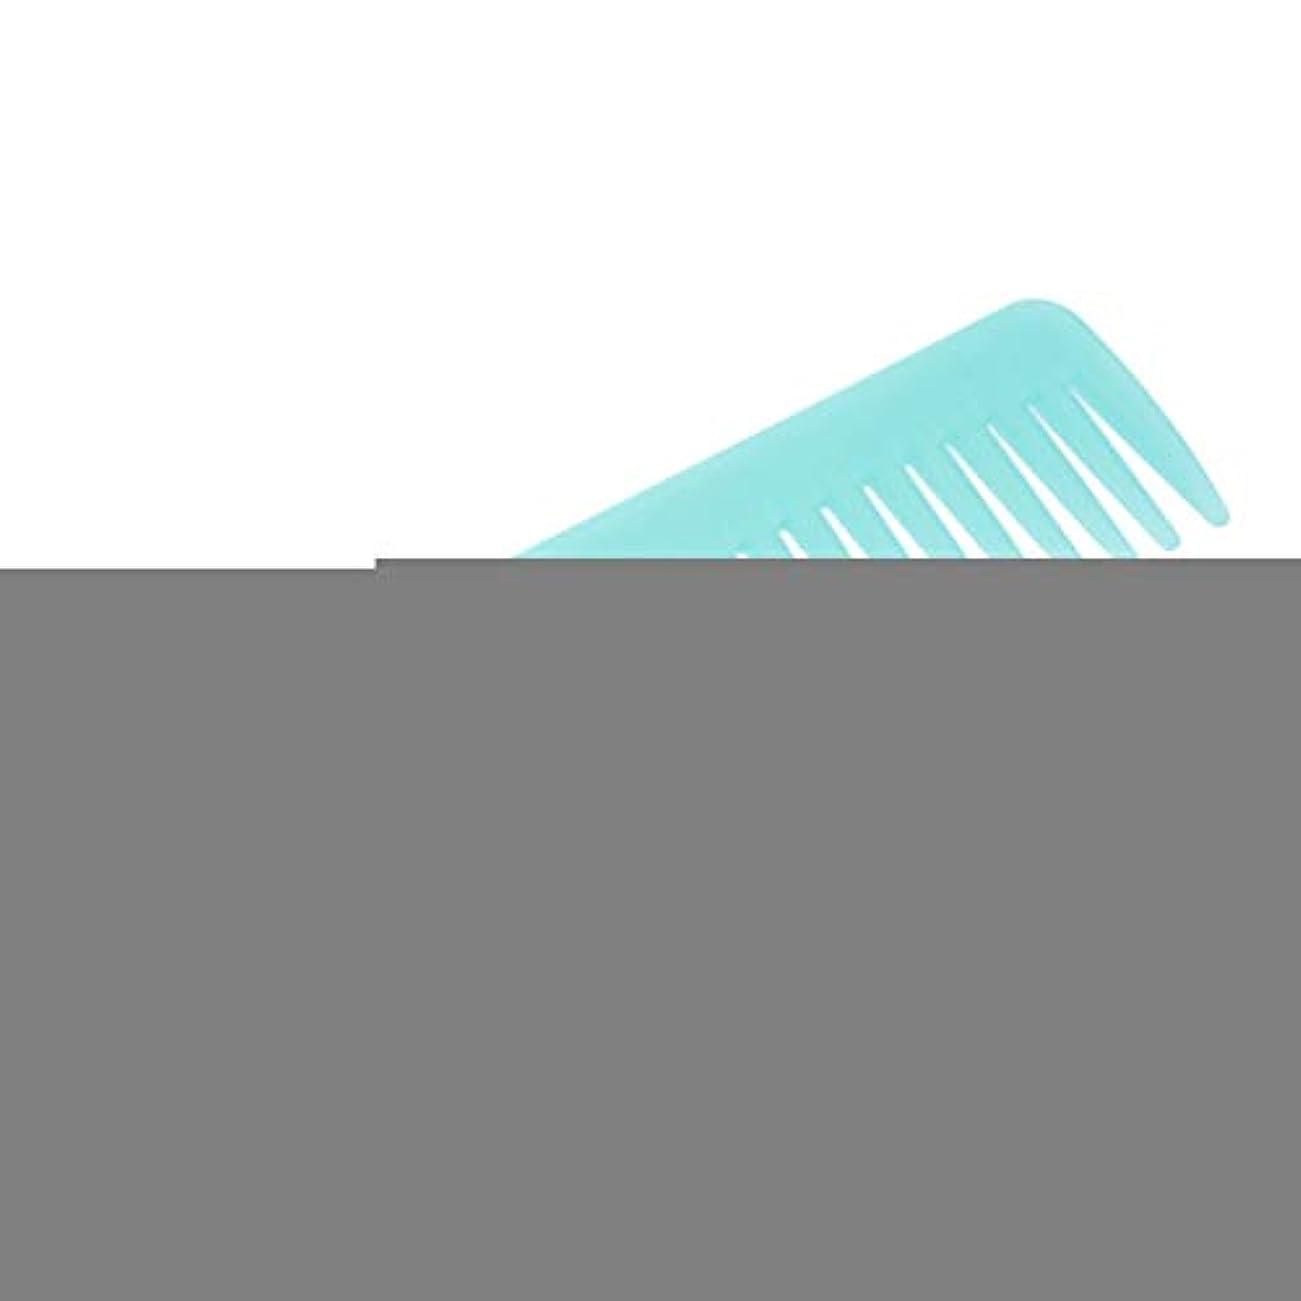 通りやむを得ない時代プロの髪のくしゃくしゃヘアーコンディションの櫛幅のあるヘアブラシ - A